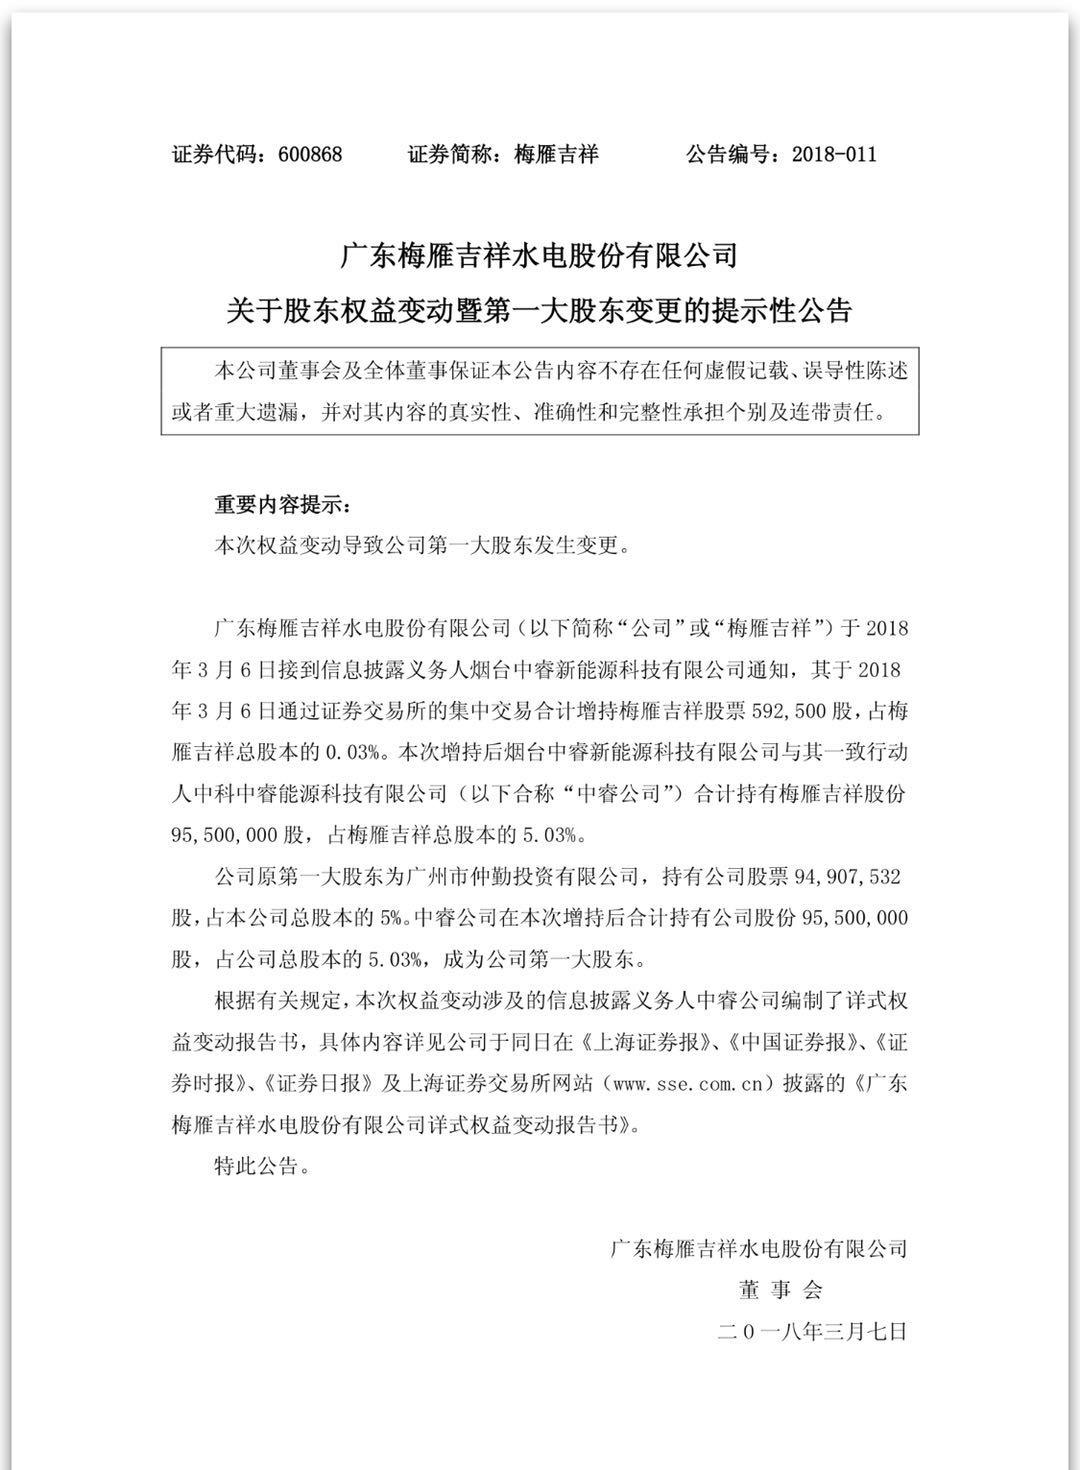 梅雁吉祥:中睿公司持股超恒大成大股东,拟继续增持